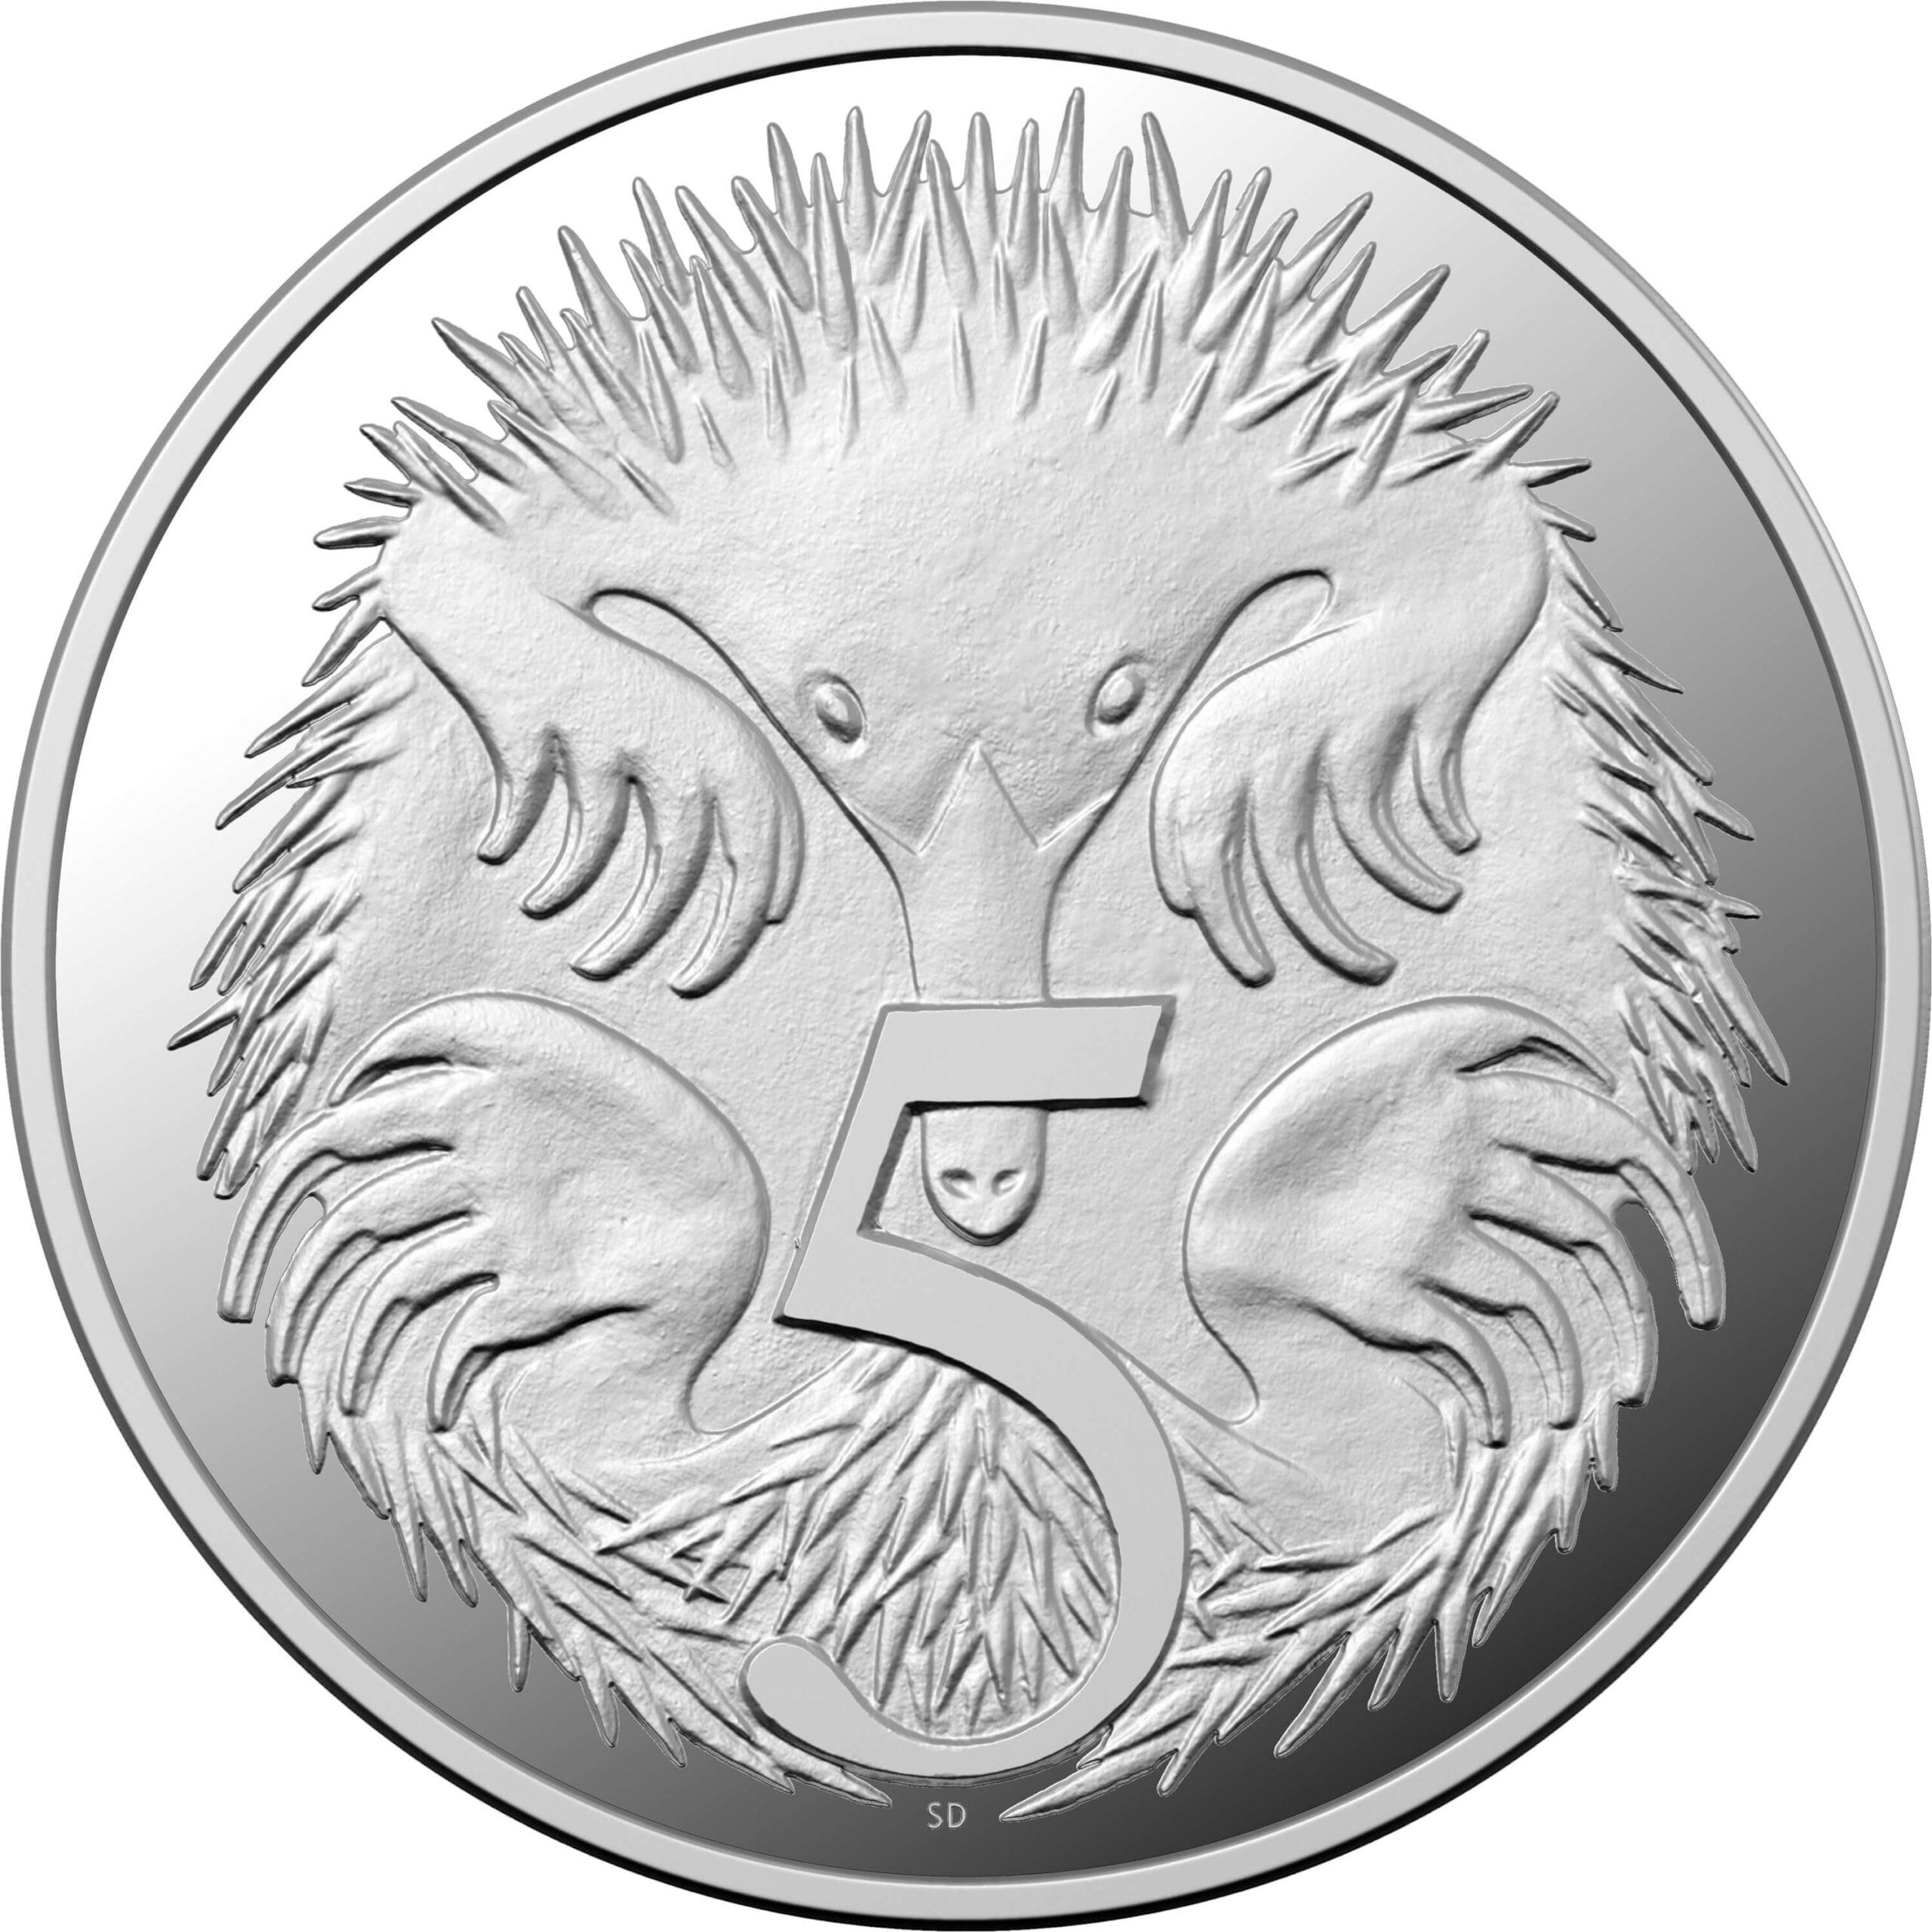 AU 5 Cents 2020